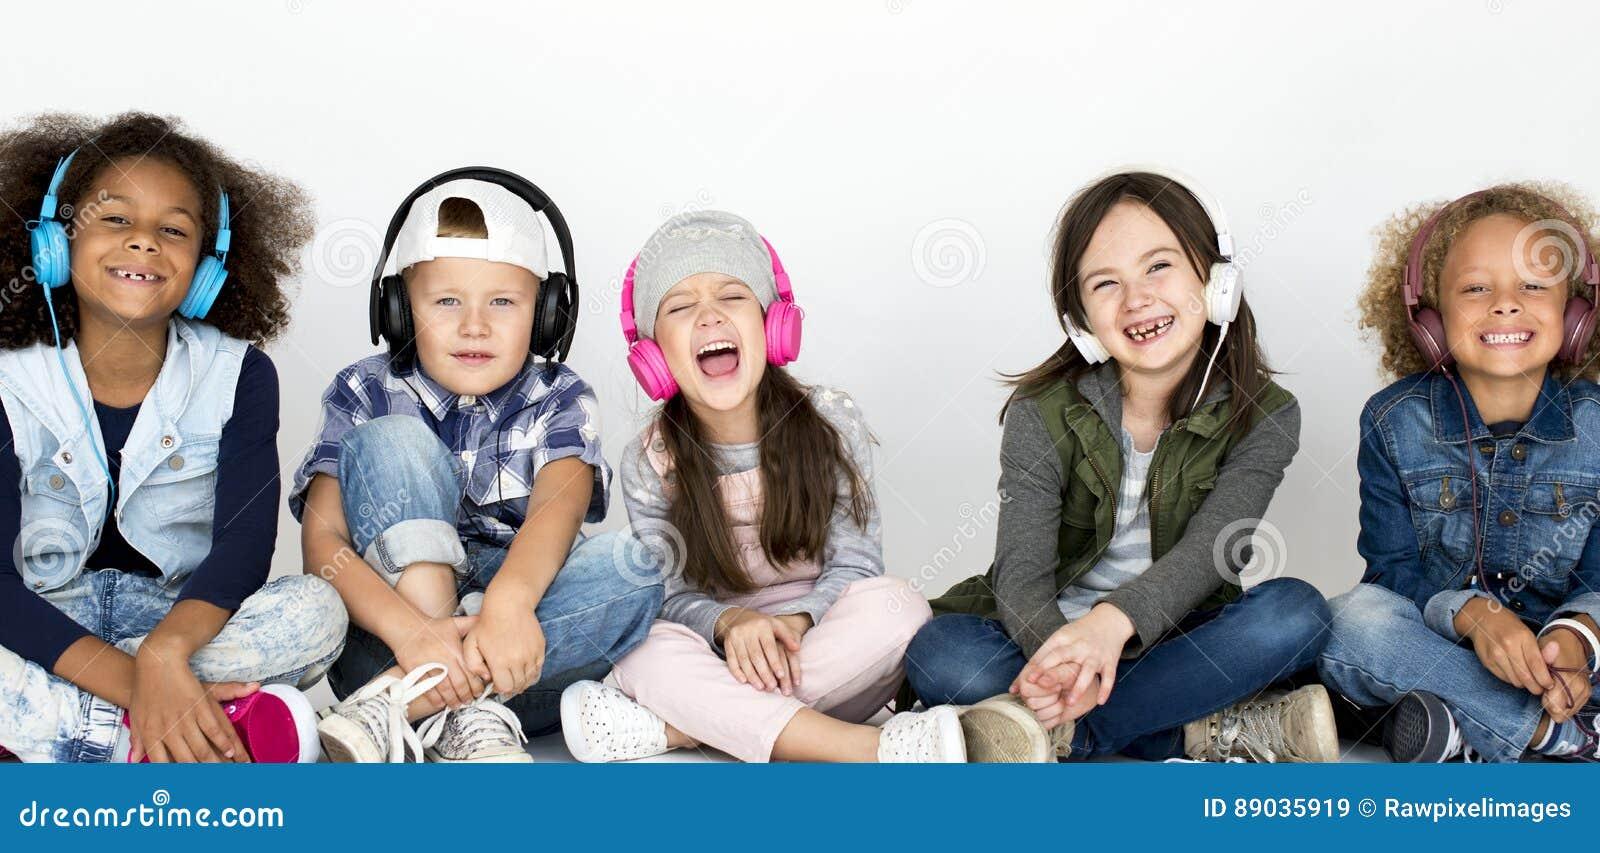 Η ομάδα παιδιών απολαμβάνεται τη μουσική από τα ακουστικά